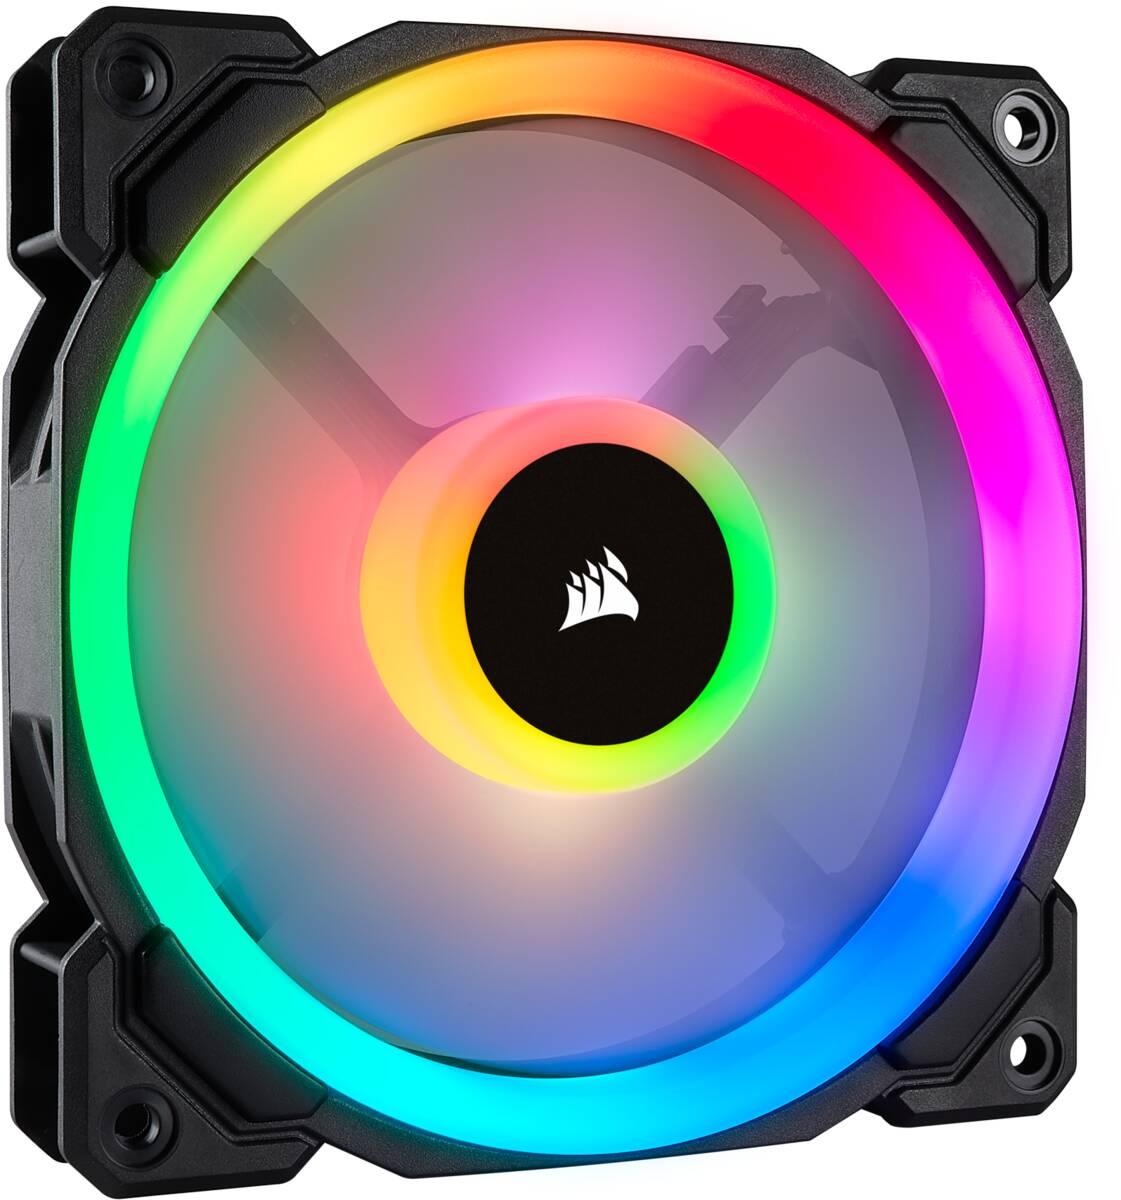 Corsair LL RGB PWM Le migliori ventole per PC